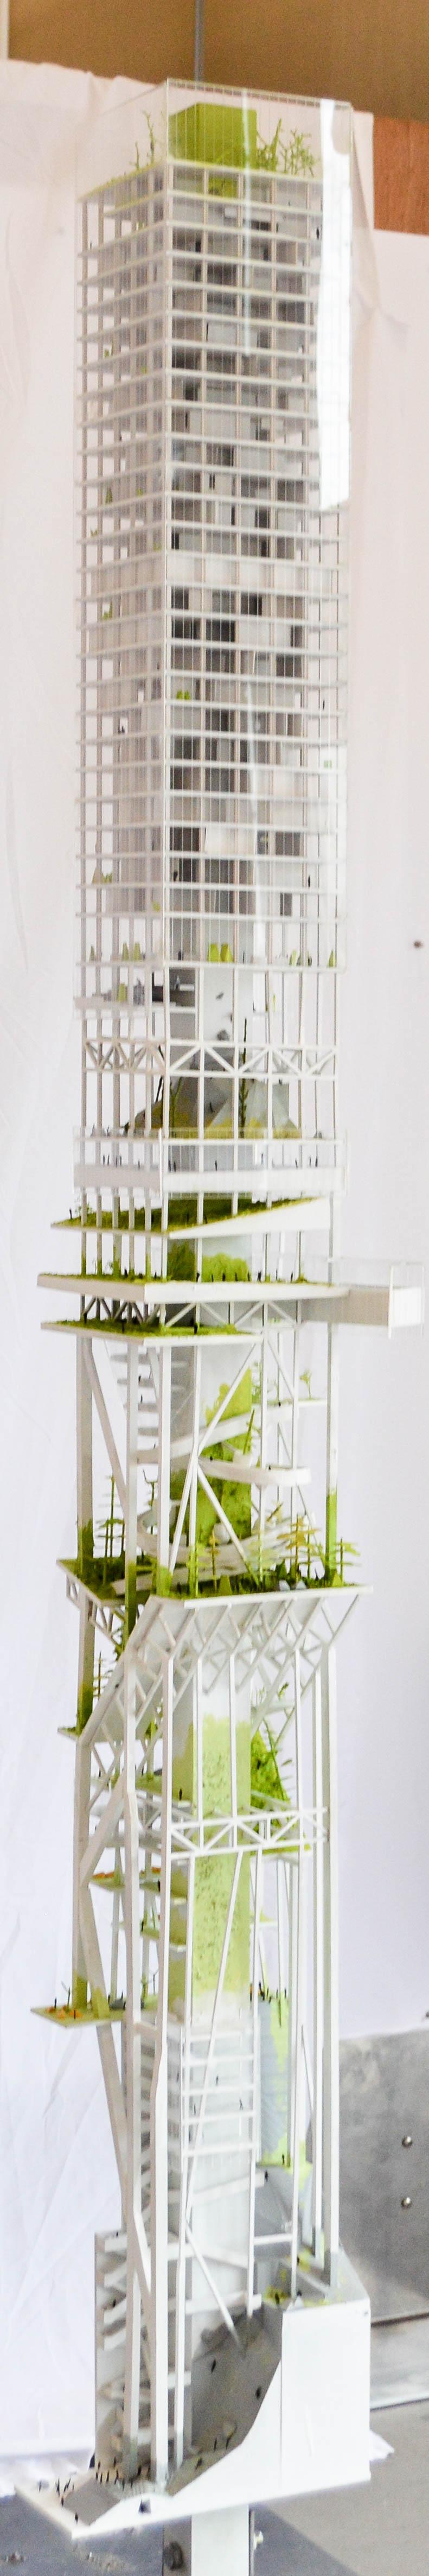 verticaltower-8.jpg